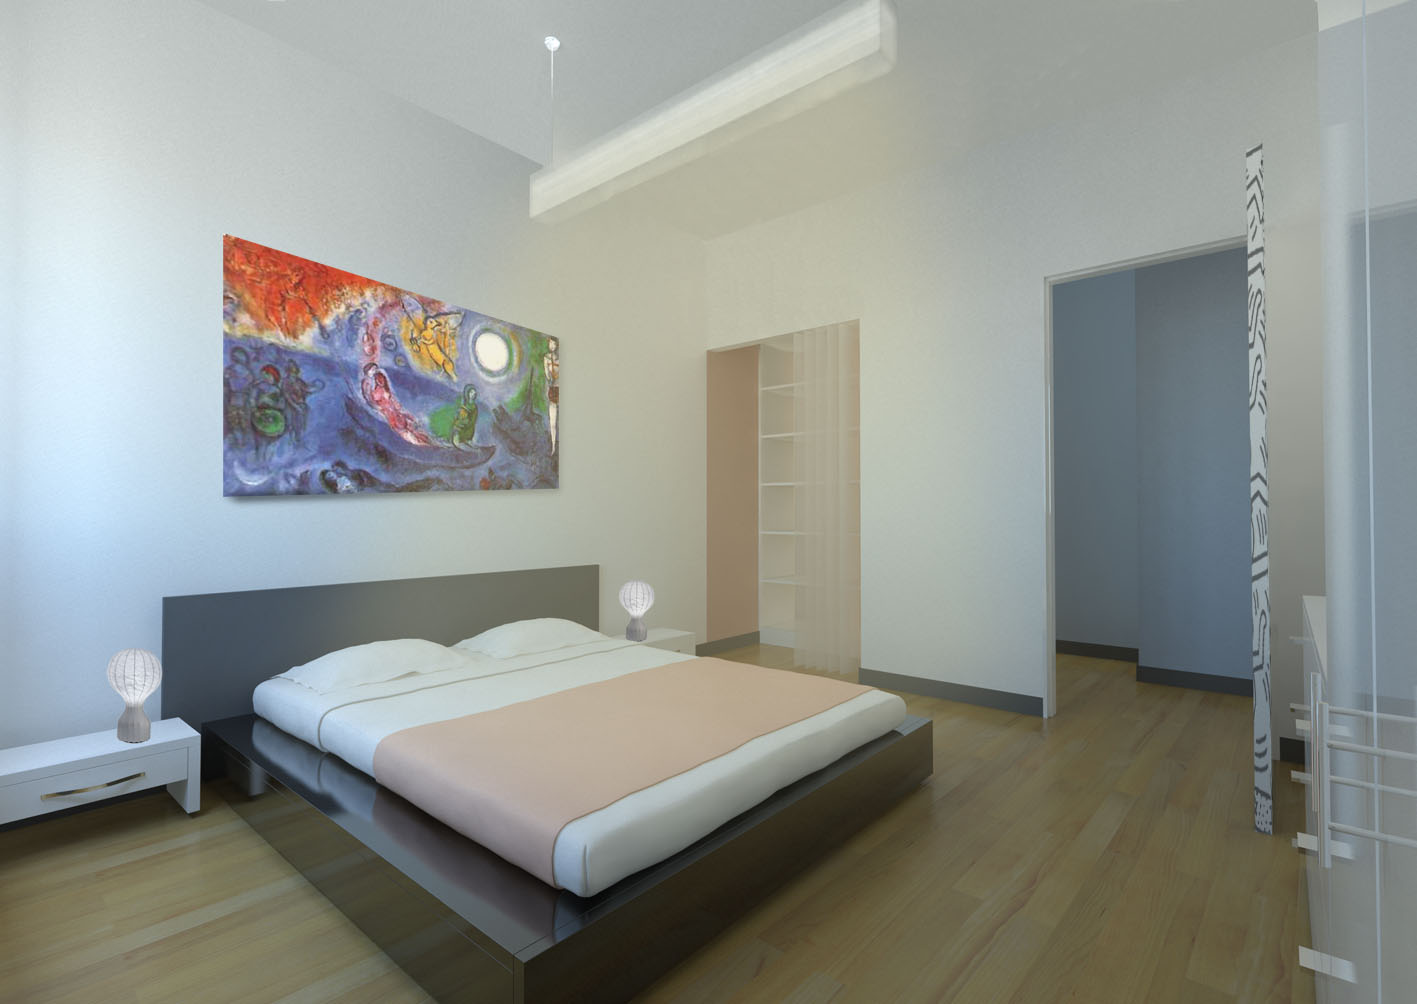 Ristrutturazione appartamento a mestre interno4 studi - Camere da letto in cartongesso ...